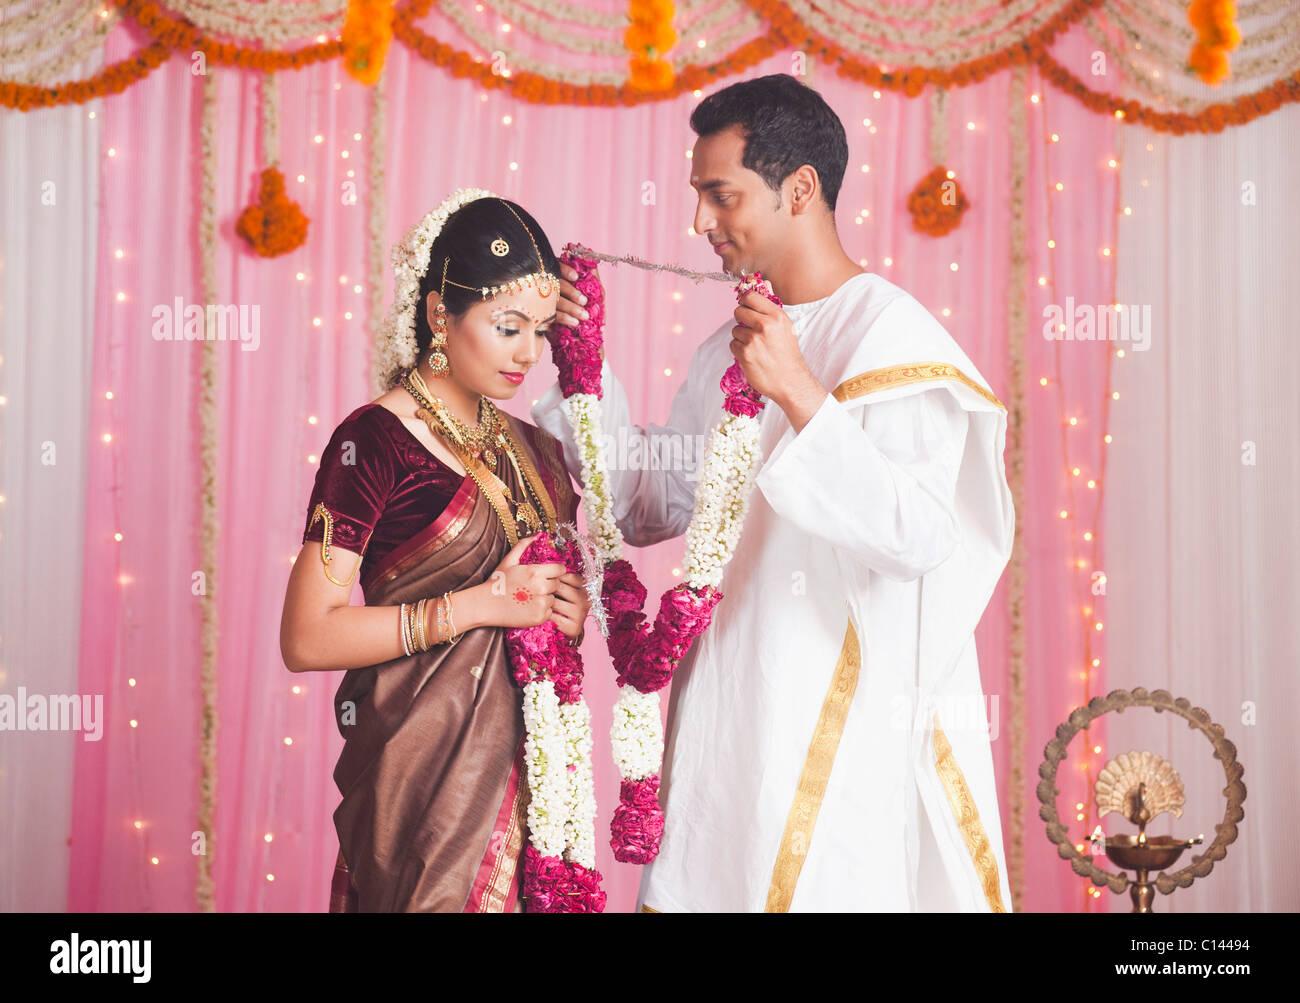 Indian Wedding And Garlands Stock Photos & Indian Wedding And ...